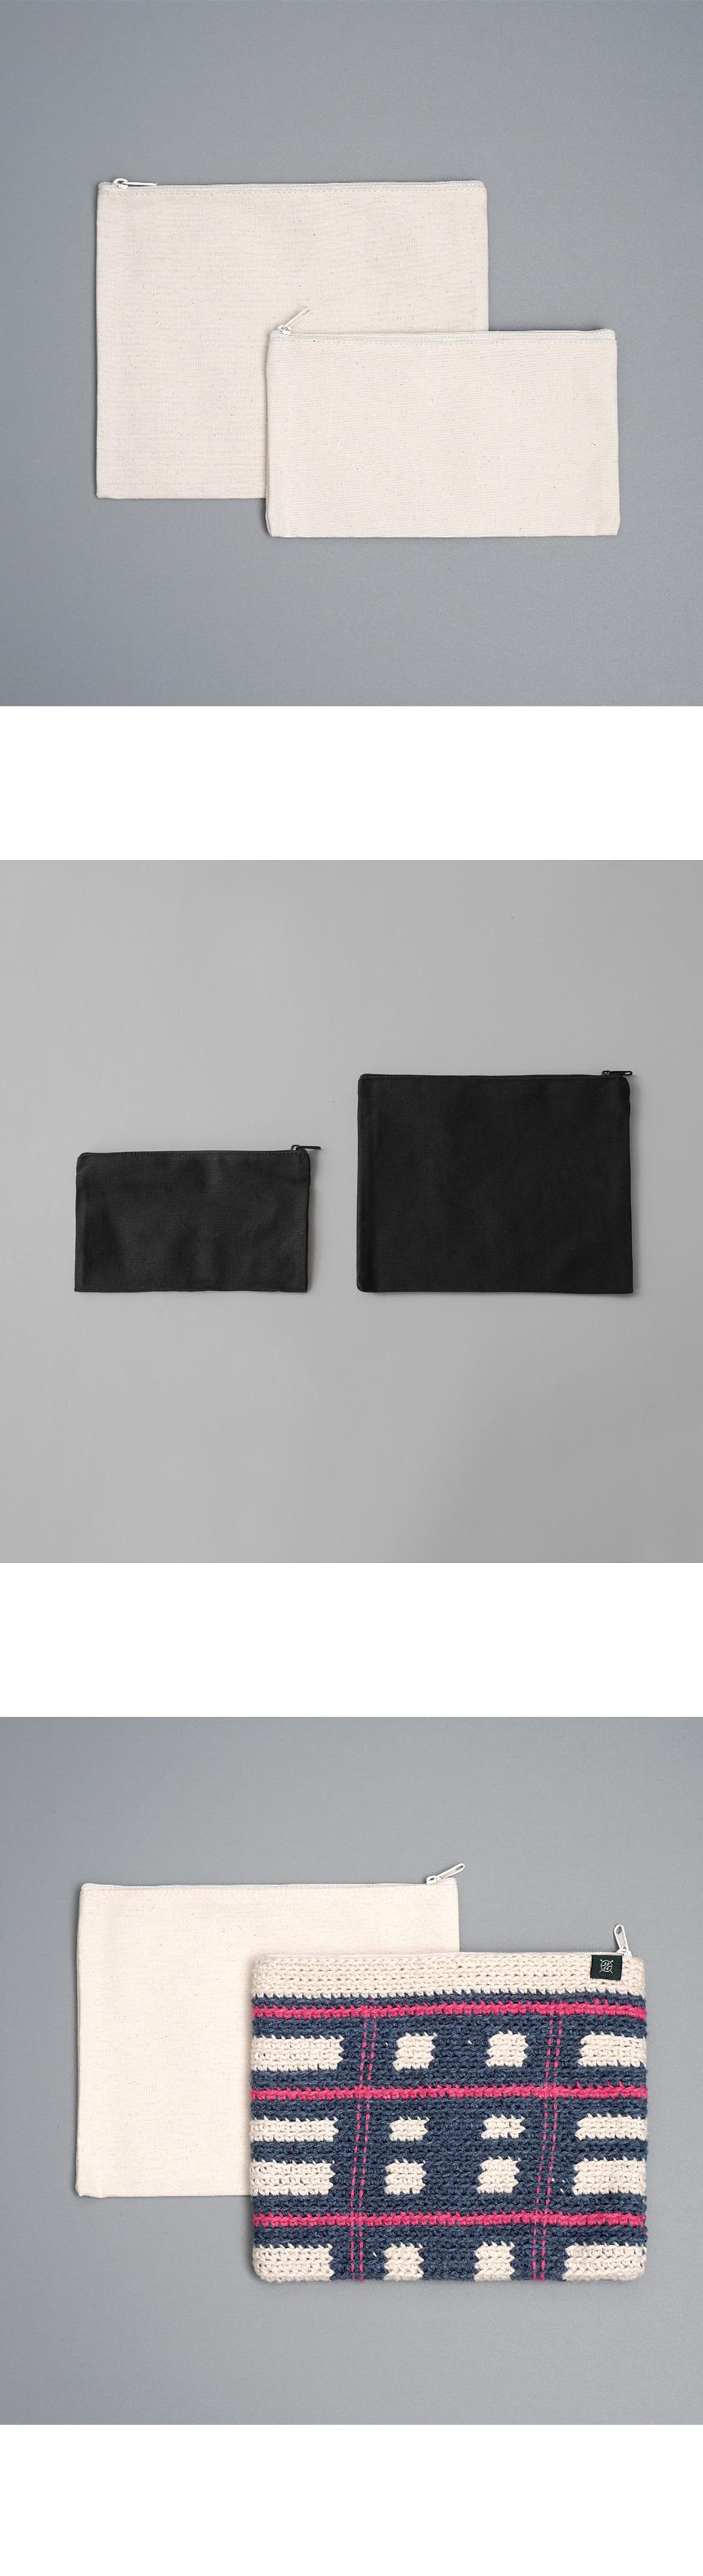 광목 안감 - 지퍼 파우치 -소/대3,750원-슬로우모먼츠키덜트/취미, 핸드메이드/DIY, 뜨개질, 뜨개질 부자재바보사랑광목 안감 - 지퍼 파우치 -소/대3,750원-슬로우모먼츠키덜트/취미, 핸드메이드/DIY, 뜨개질, 뜨개질 부자재바보사랑